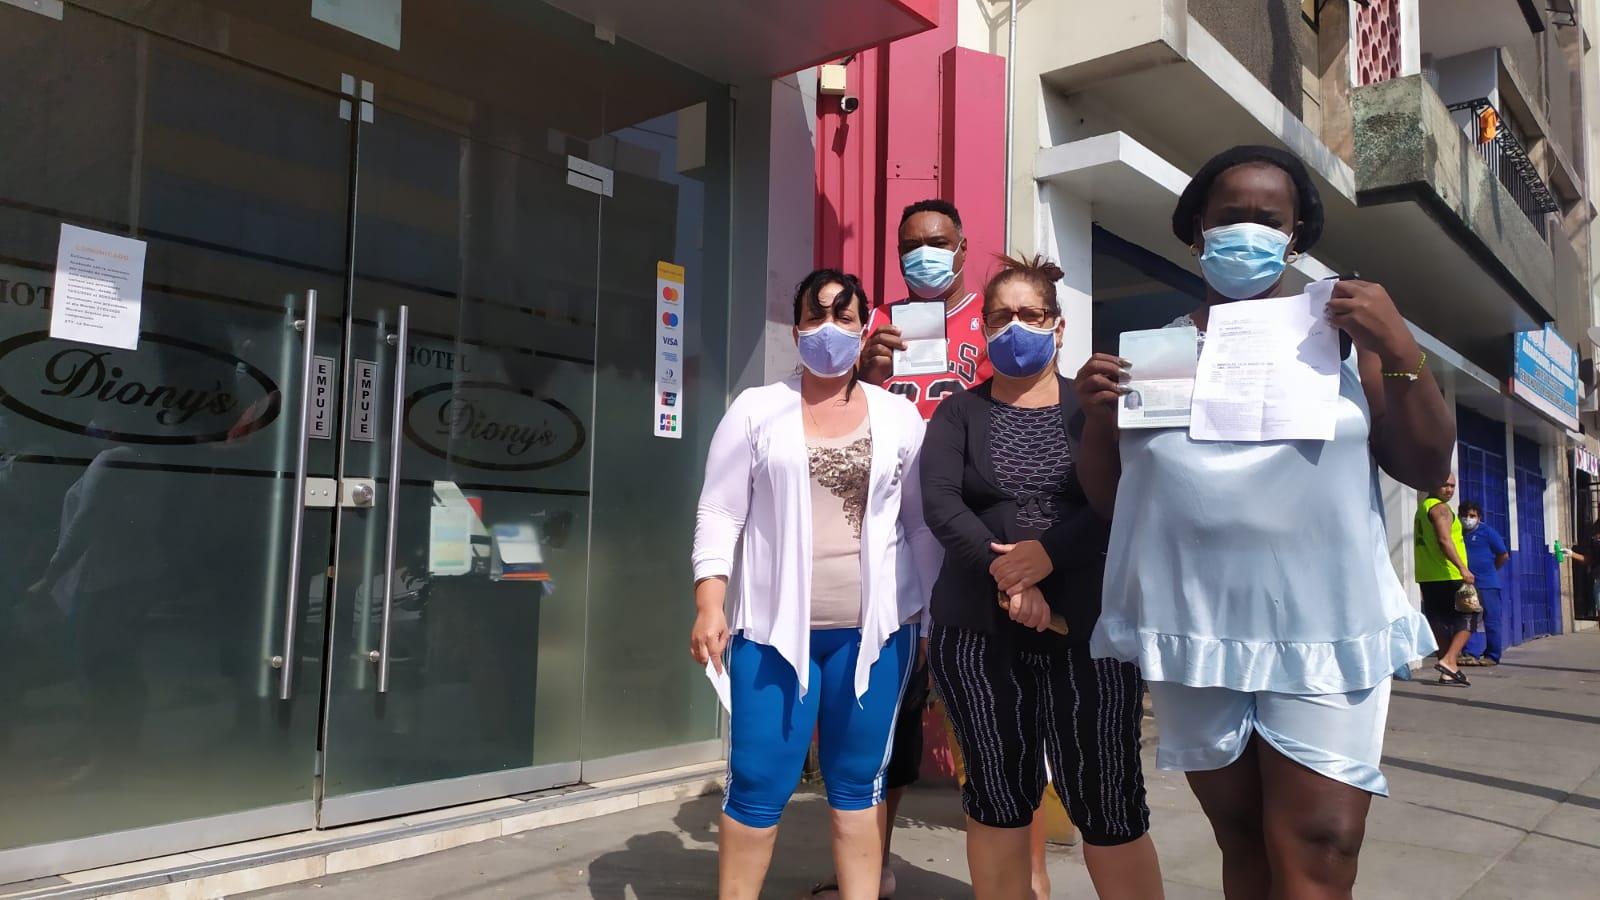 Annia, Zoraida, Yuneikis y Alex en las afuerasde un hotel en La Victoria. Foto: Luis Enrique Pérez/Convoca.pe